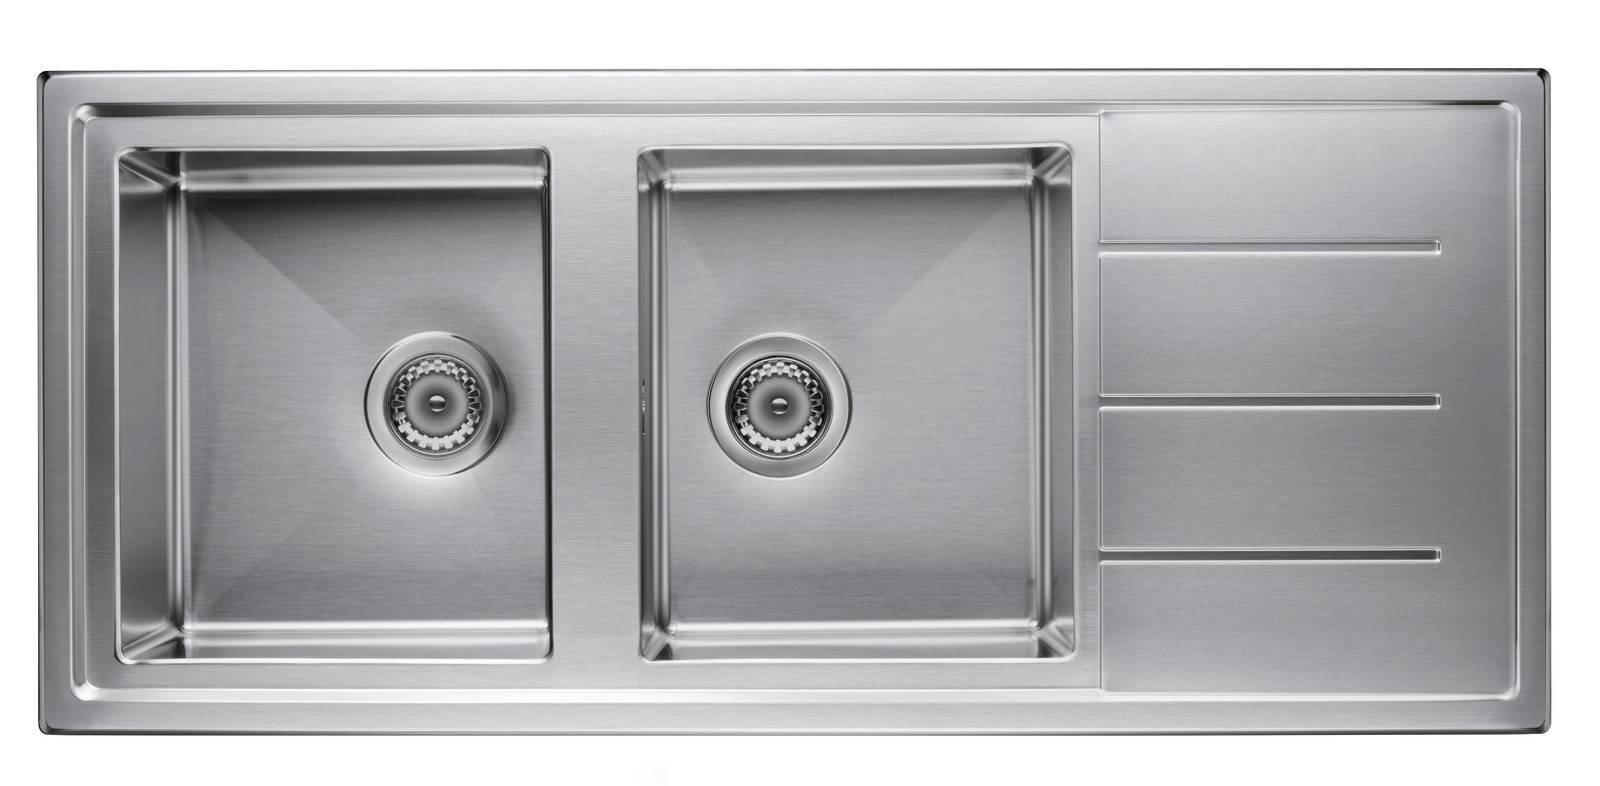 Lavandino Cucina Con Gocciolatoio lavello: quale materiale scegliere per il lavandino della